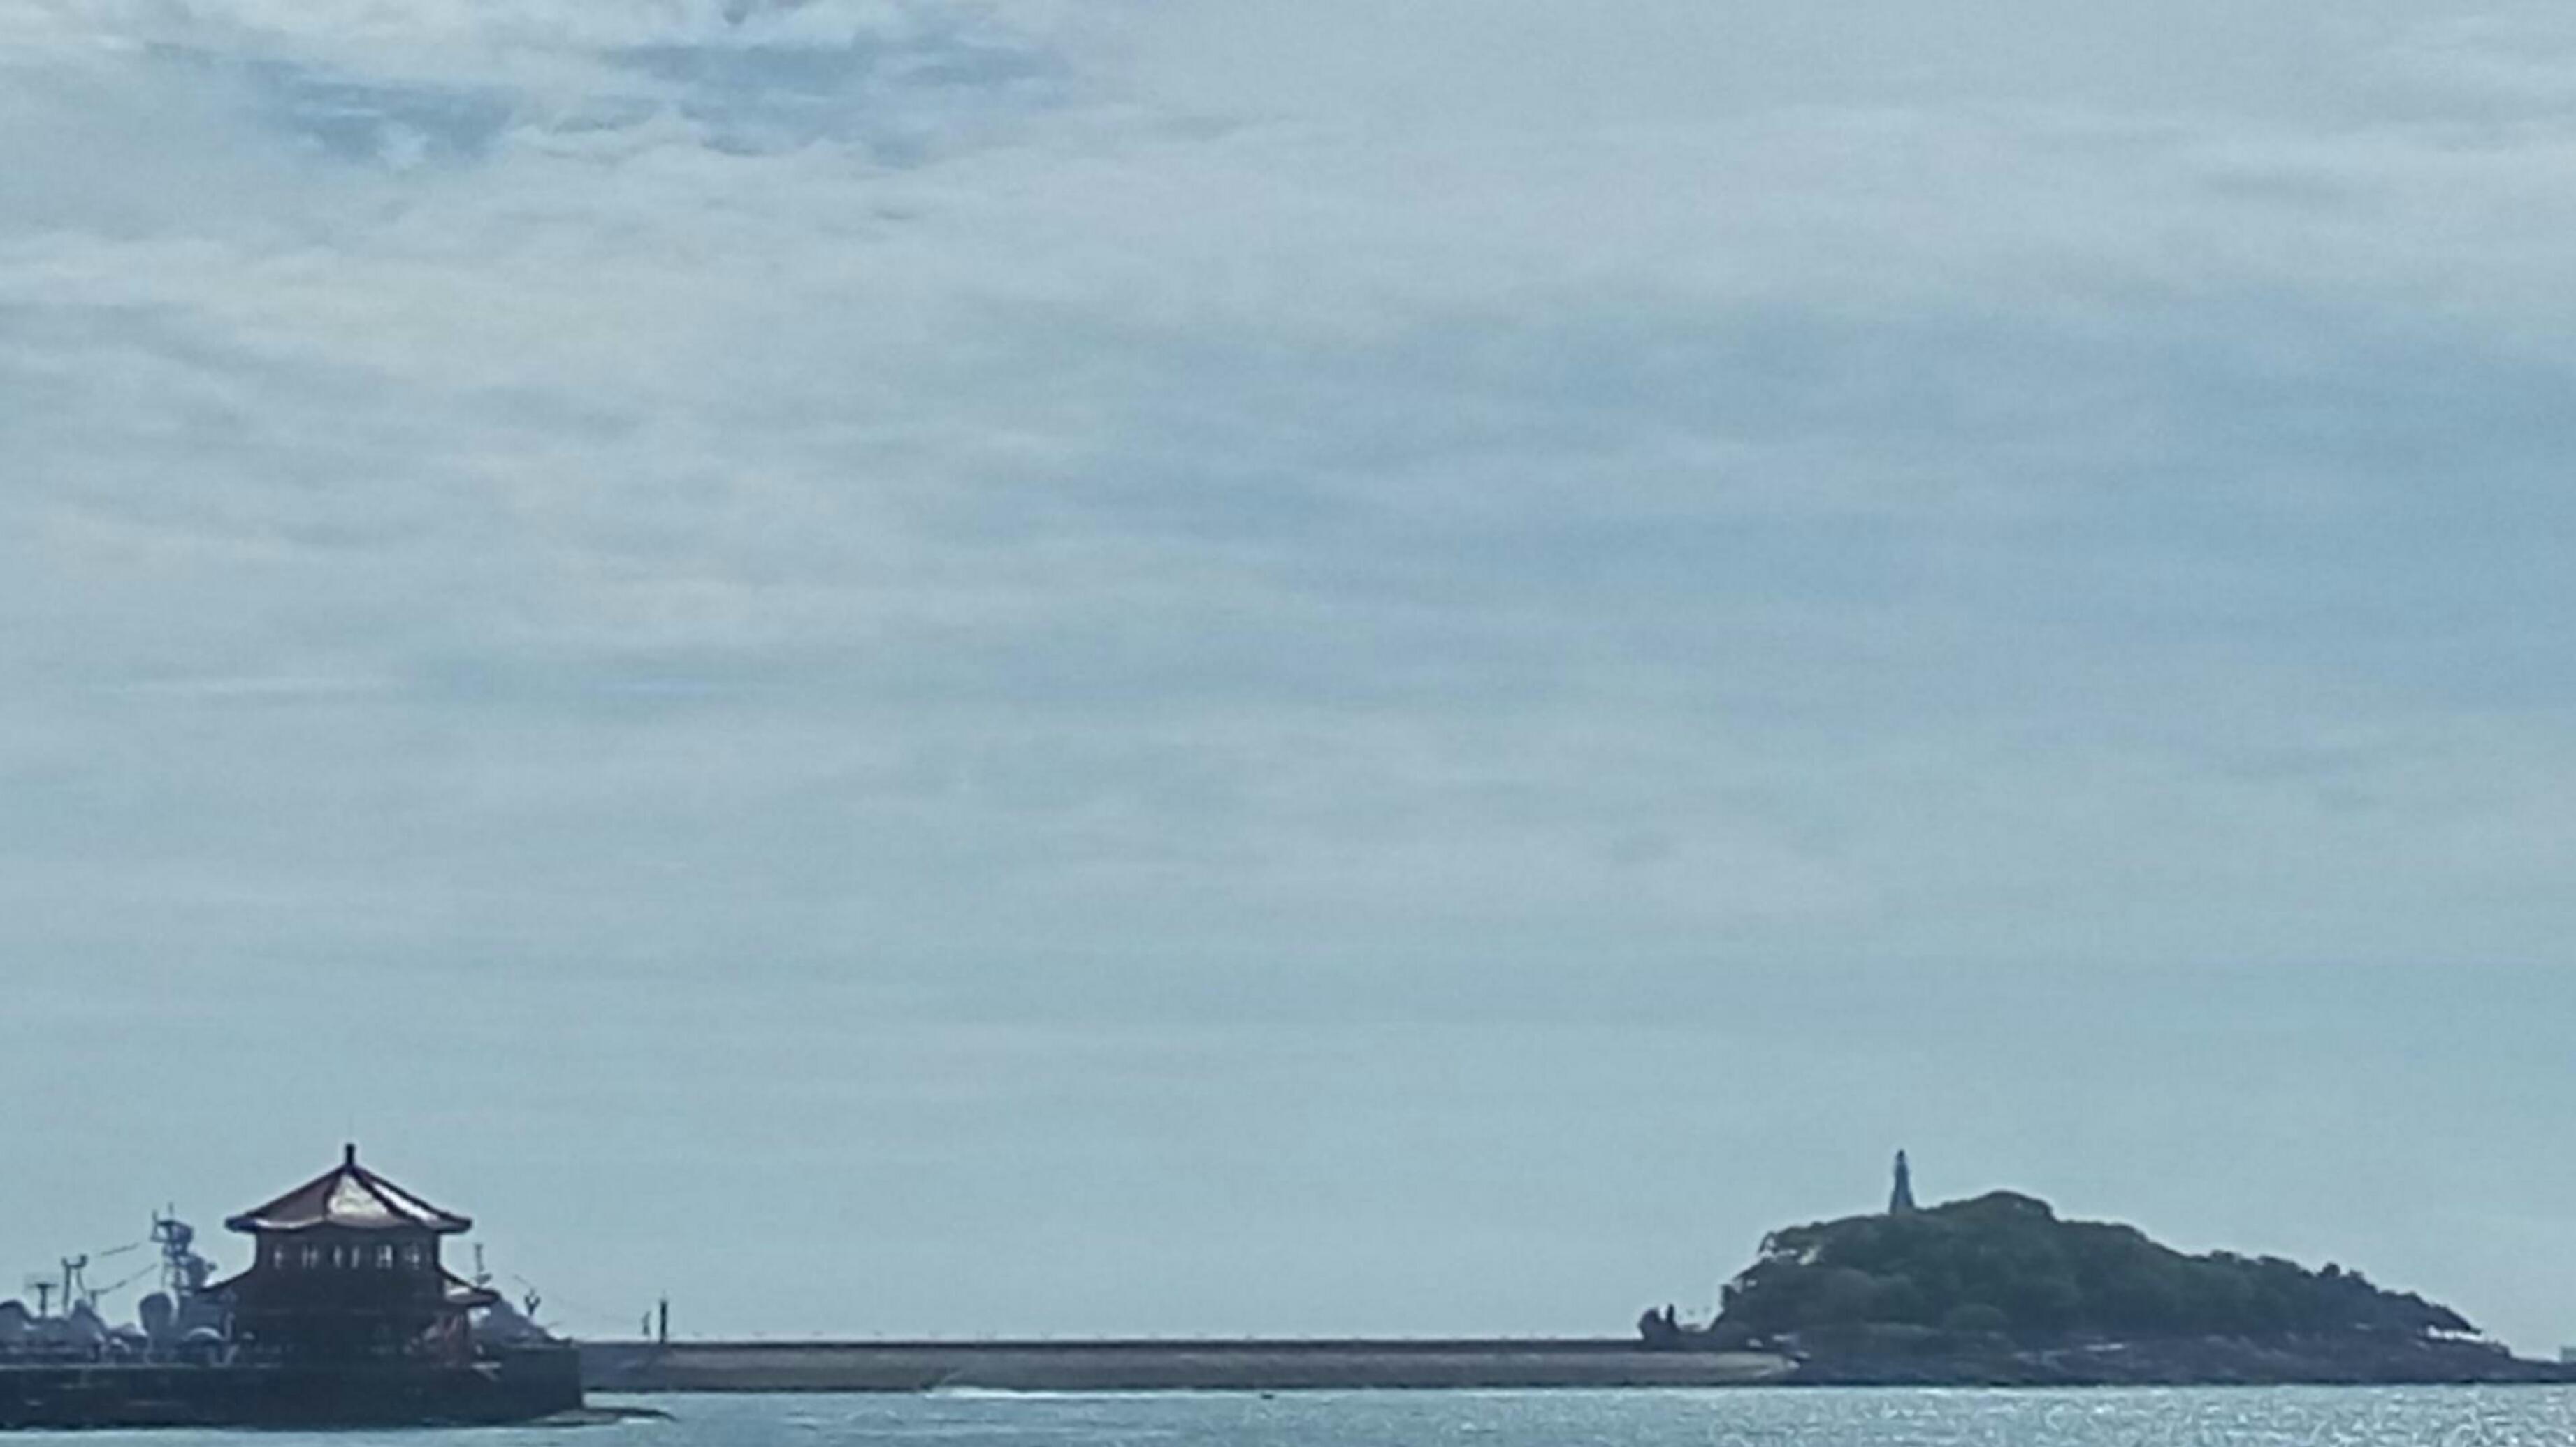 游人漫步于栈桥海滨,可见栈桥似长虹卧波,回澜阁熠熠生辉.所谓长虹远引、飞阁回澜所指即此.远处,树影婆娑、绿荫哝哝,一座白灯塔亭亭玉立.湾东侧和北侧,红瓦绿树交相辉映,各式建筑参差错落的分布在海岬坡地之上.湾西侧的现代化高层建筑紧靠海岸拔地而起,壮丽恢宏.沿岸的防波堤由花岗岩垒砌,高出水面10余米.